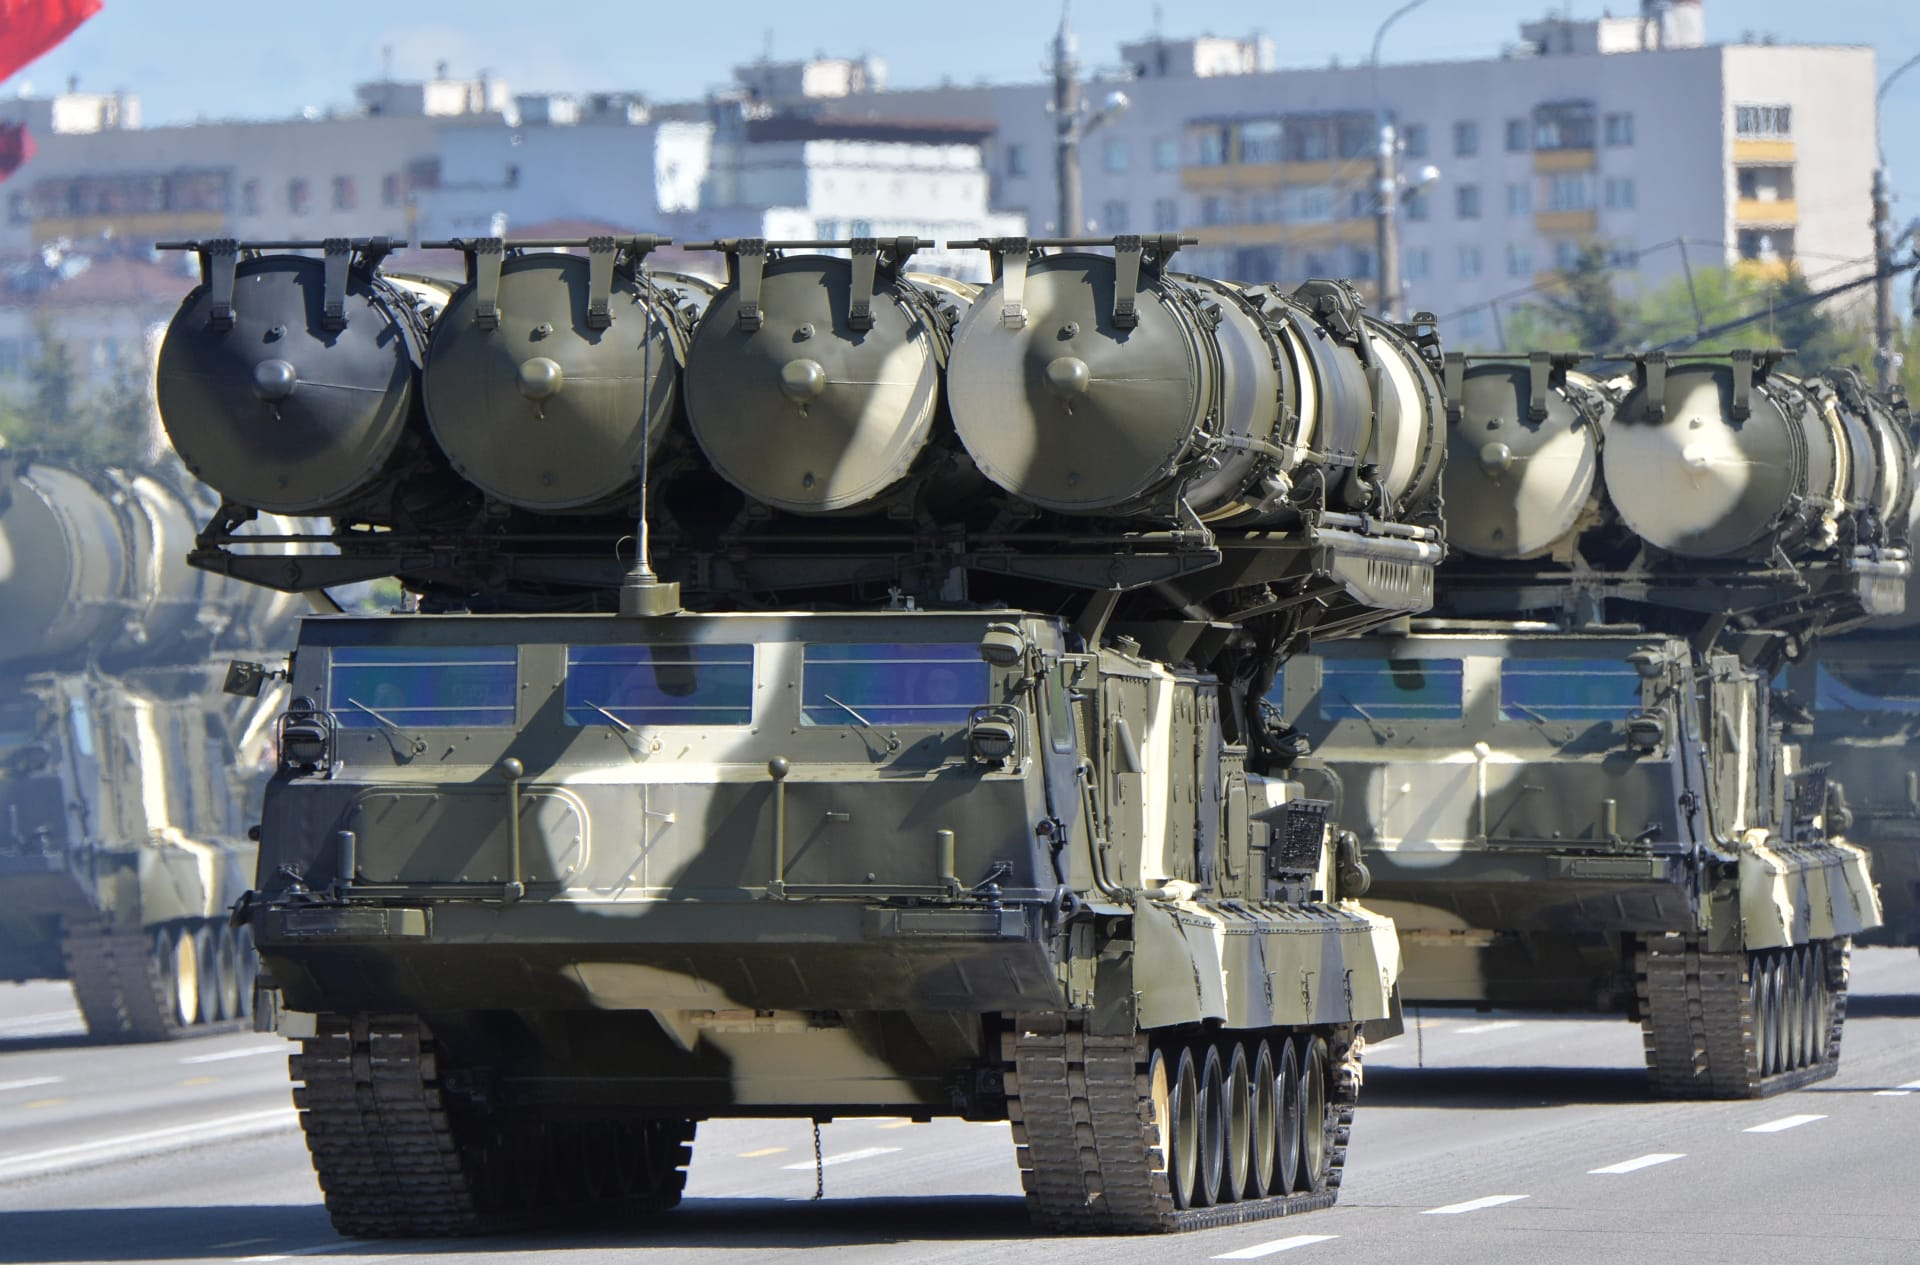 """روسيا: سنرسل قريبا منظومات """"S-300"""" إلى إيران.. والخارجية الإيرانية تؤكد: تعاوننا مع موسكو يشهد تطورا كبيرا"""